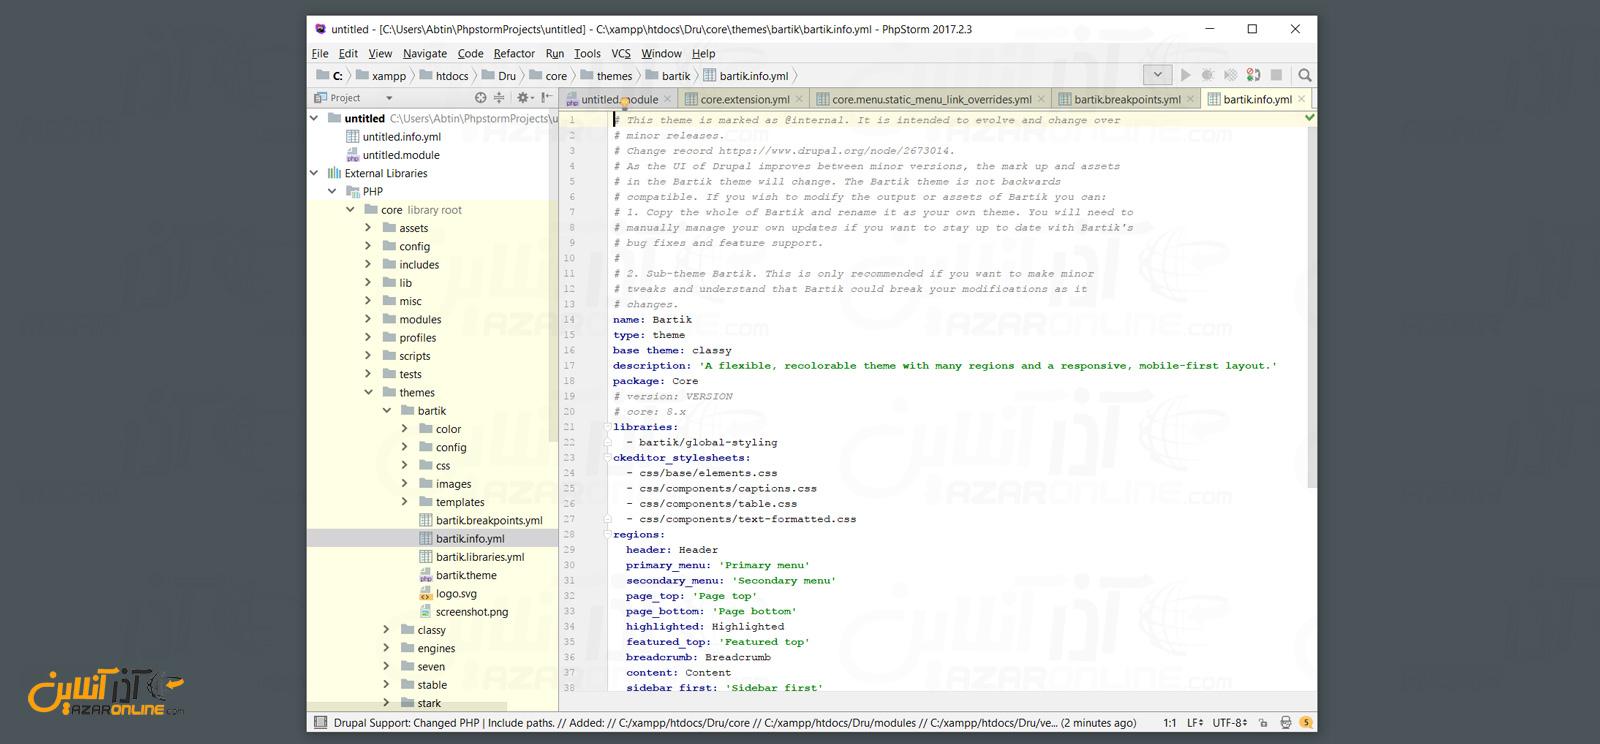 باز شدن ماژول و فایل های دروپال در phpstorm